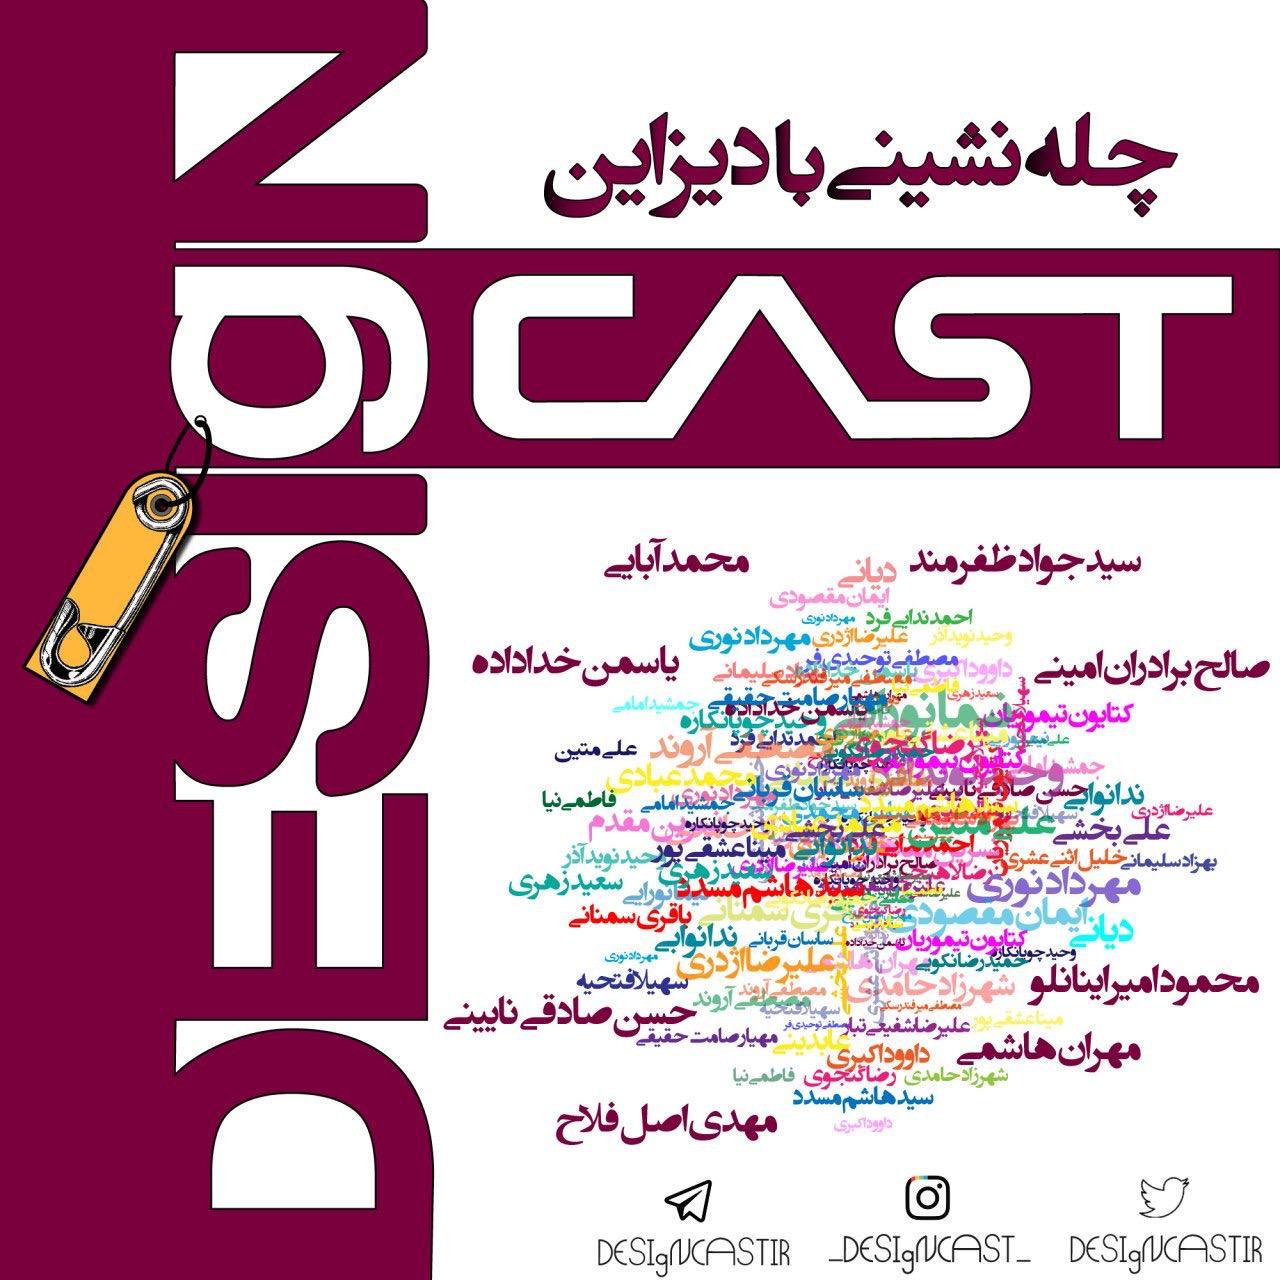 معرفی دیزاین کست - پادکست تخصصی دیزاین به زبان فارسی